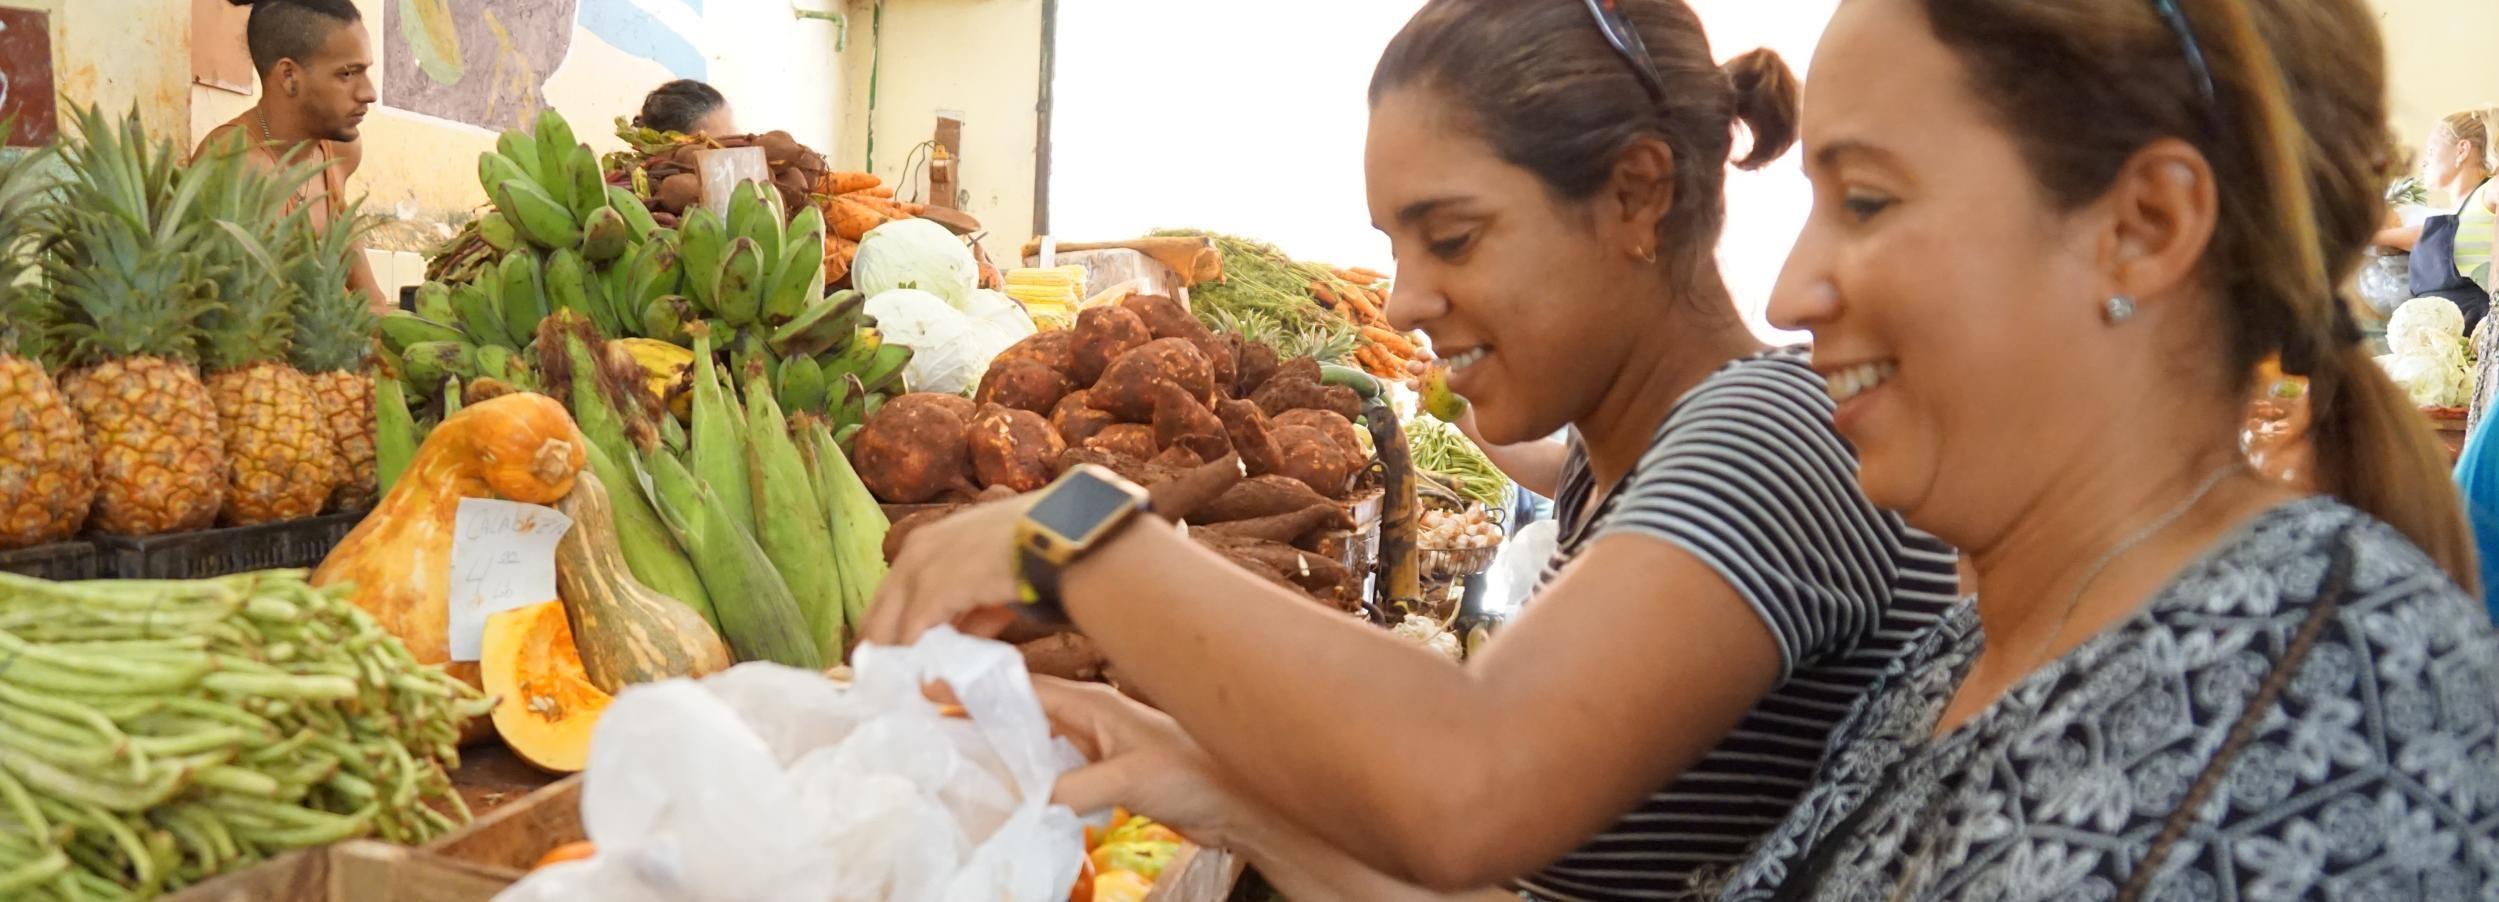 La Havane: expérience culinaire cubaine privée